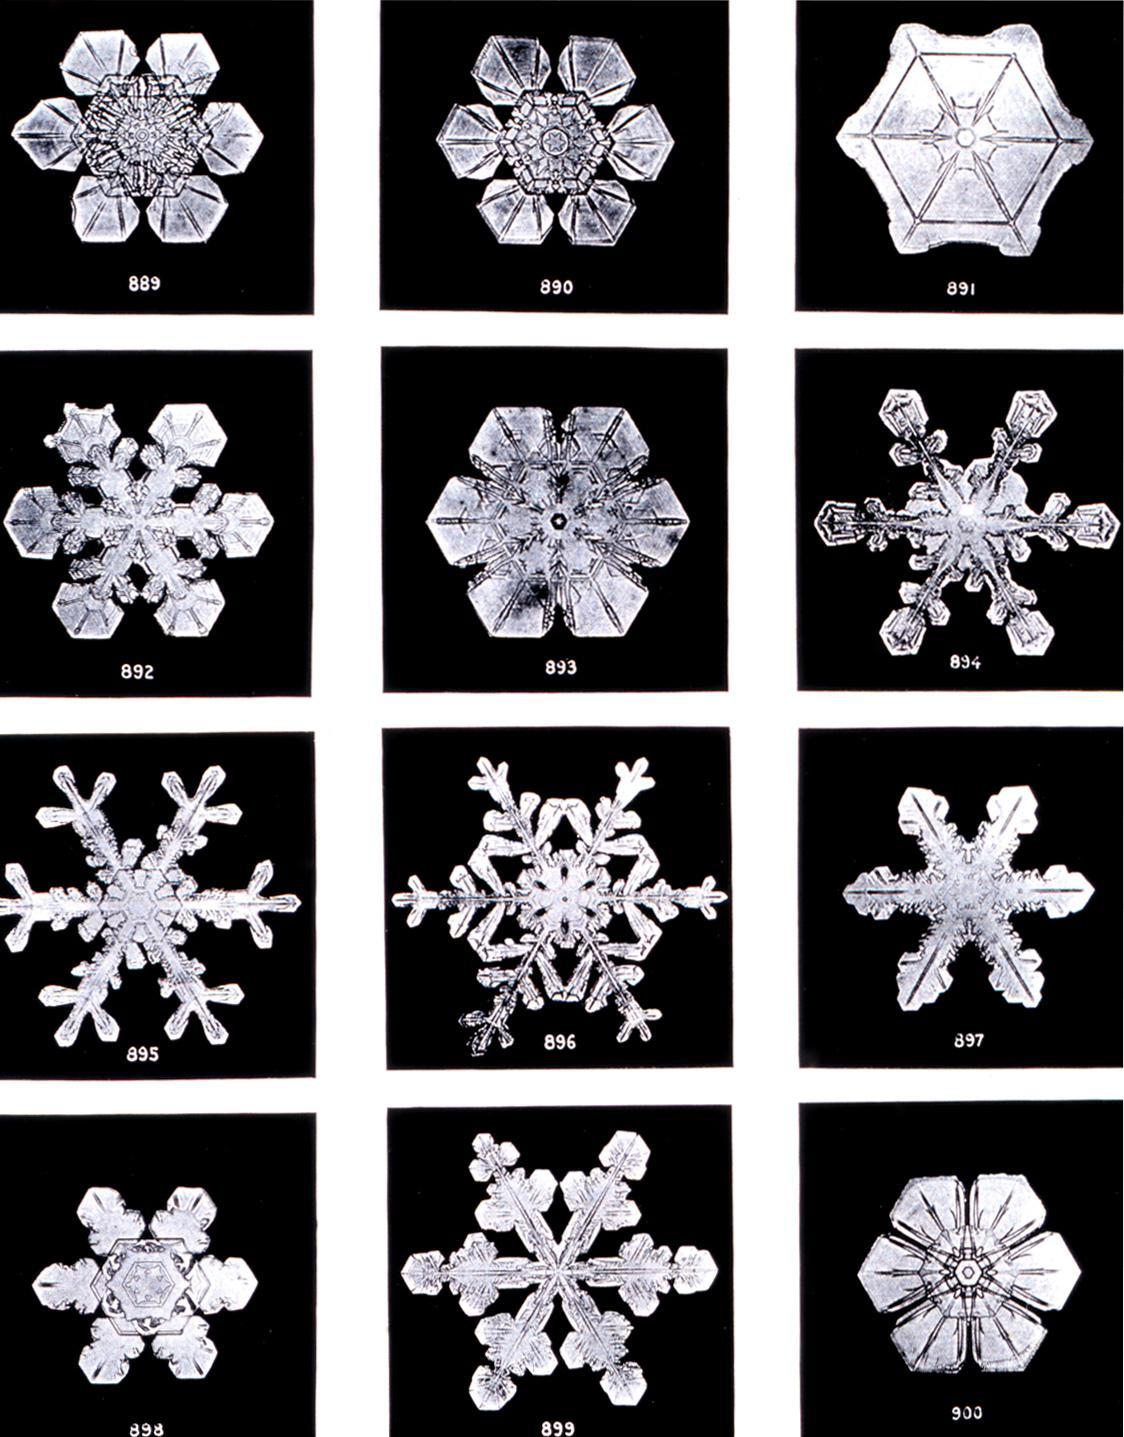 Спросите Итана: могут ли возникнуть две идентичные снежинки? - 3